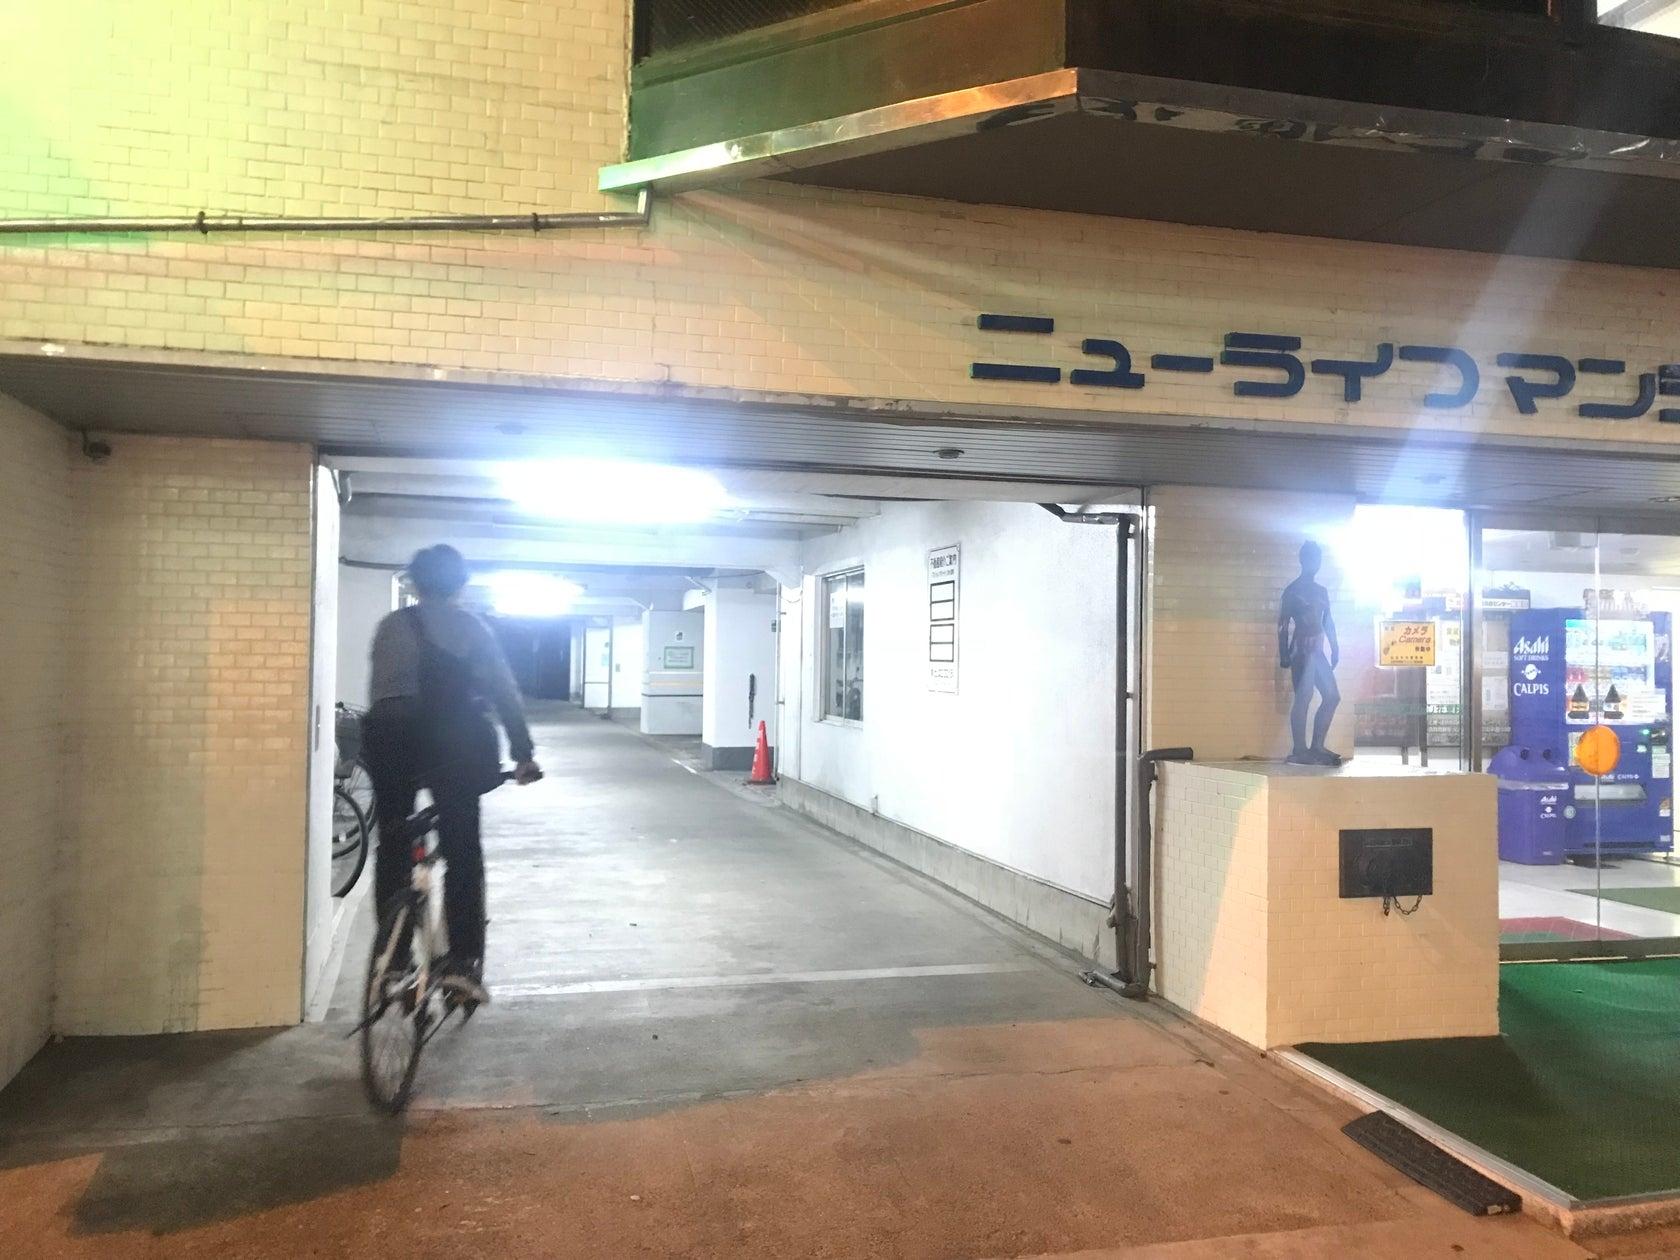 🎈【駐車場無料】01部屋 光WiFi 仙台駅歩いて7分!会議、ミーティング、ワークショップなど19人利用可能♪クリスマス のサムネイル